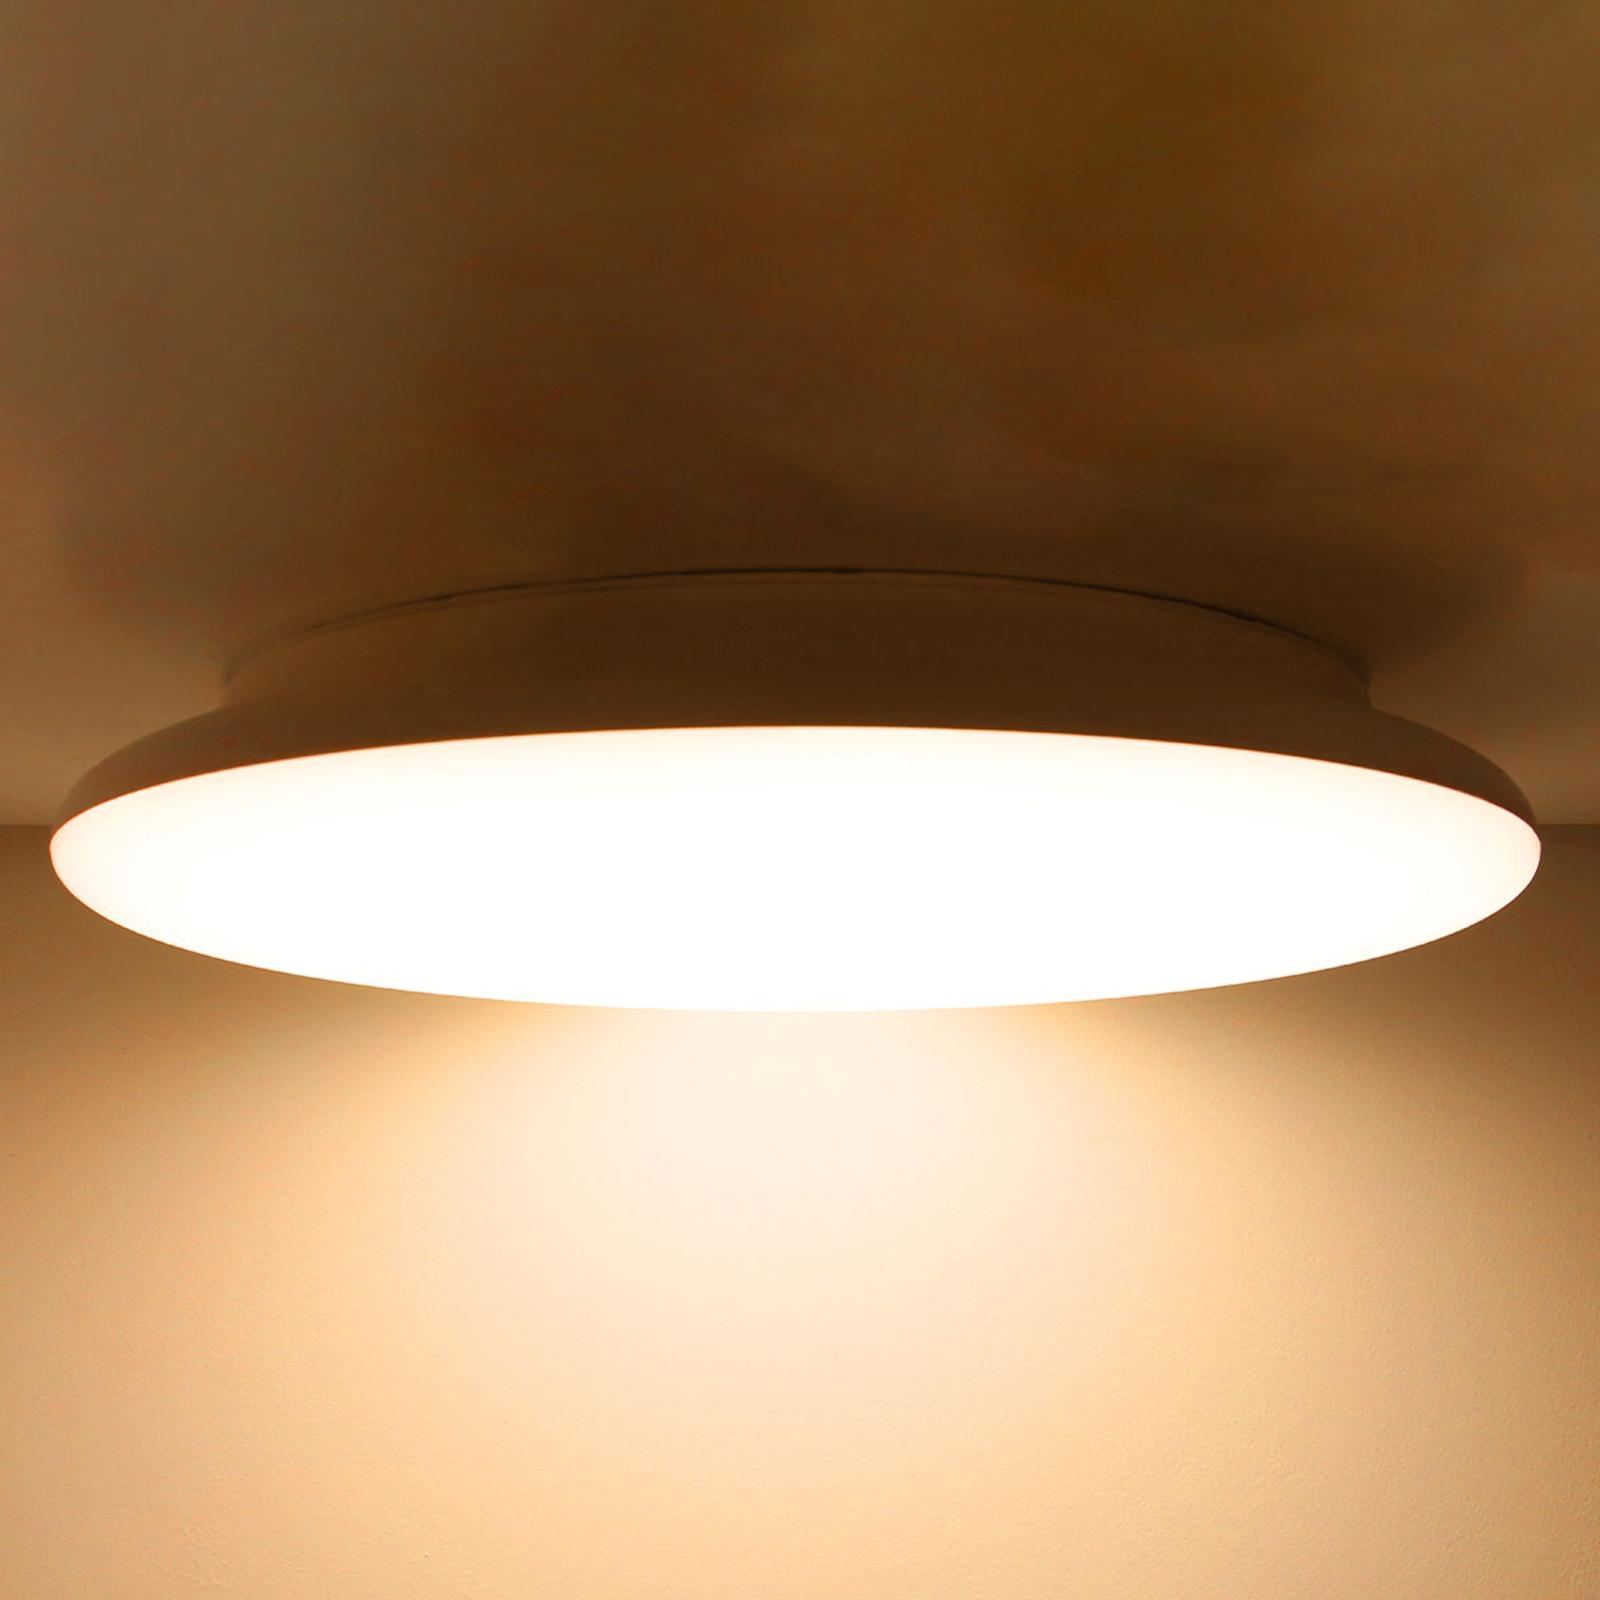 SLC lampa sufitowa LED IP54 Ø 40 cm 3000K